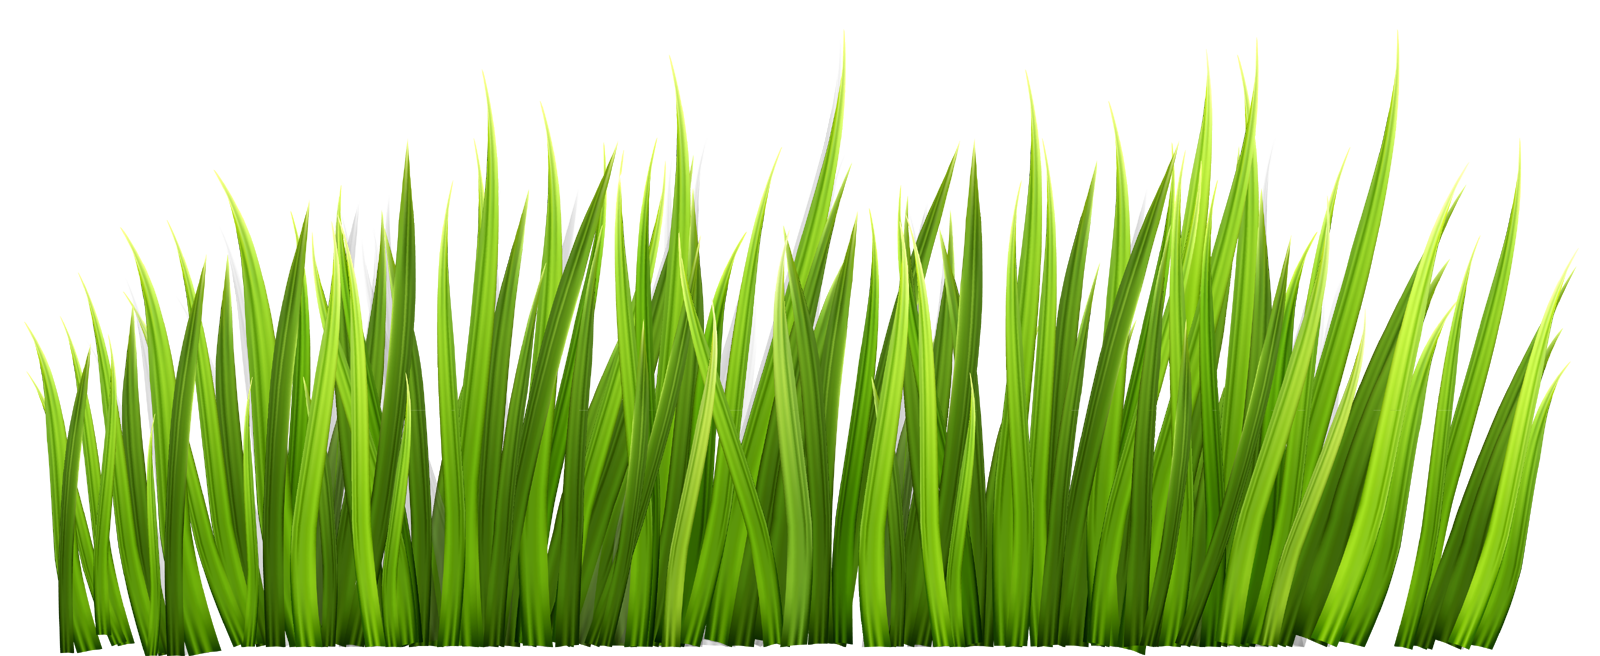 1600x656 Grass Transparent Background Grass Png Images Download Grass